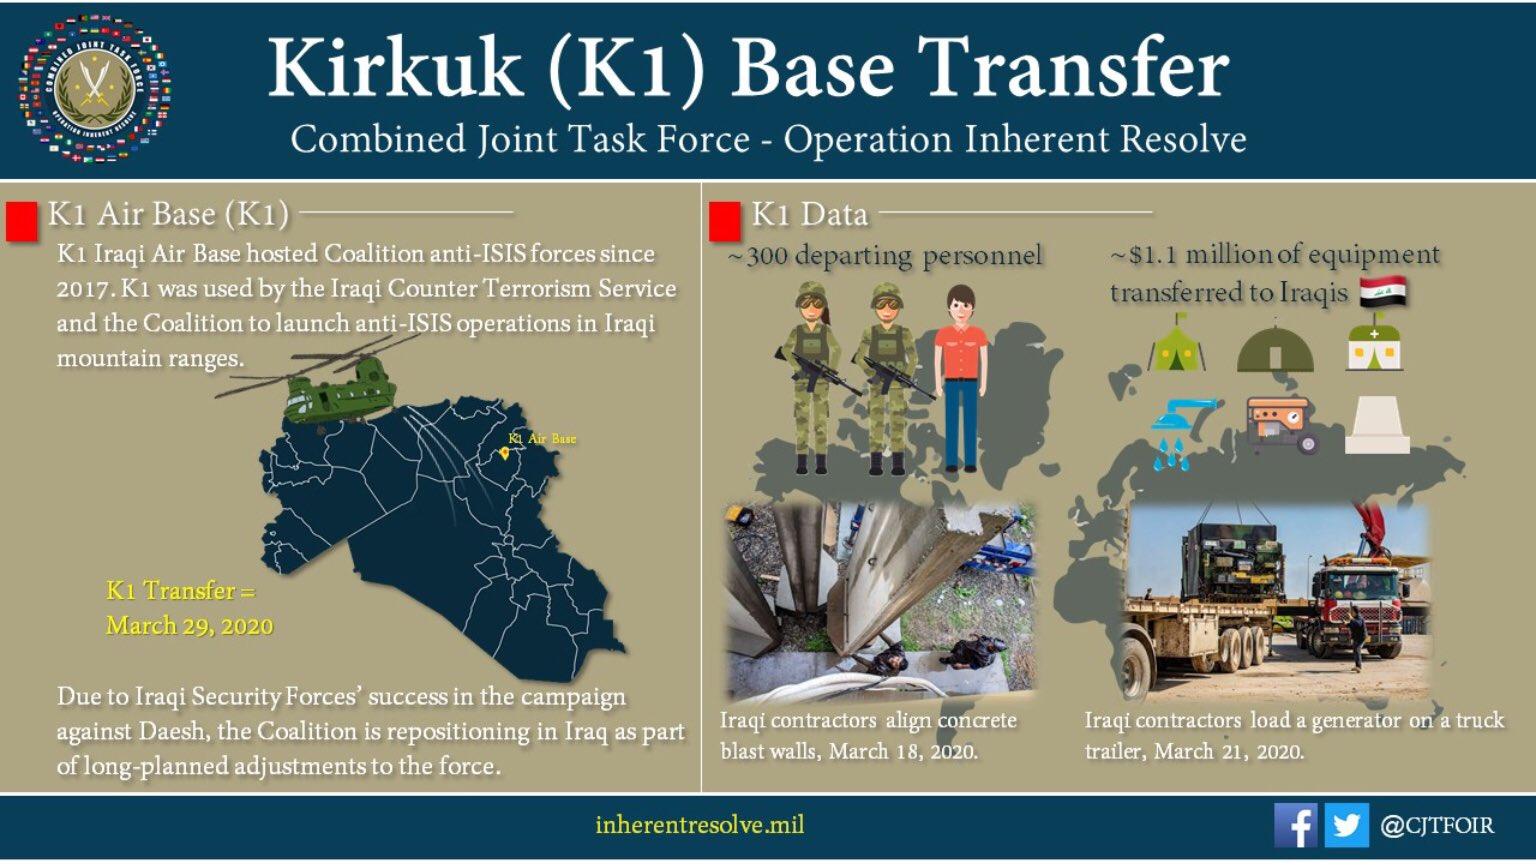 ترامب: على بغداد أن تدفع إذا سحبنا قواتنا من العراق - صفحة 2 EUREKfSWoAA9hjd?format=jpg&name=large